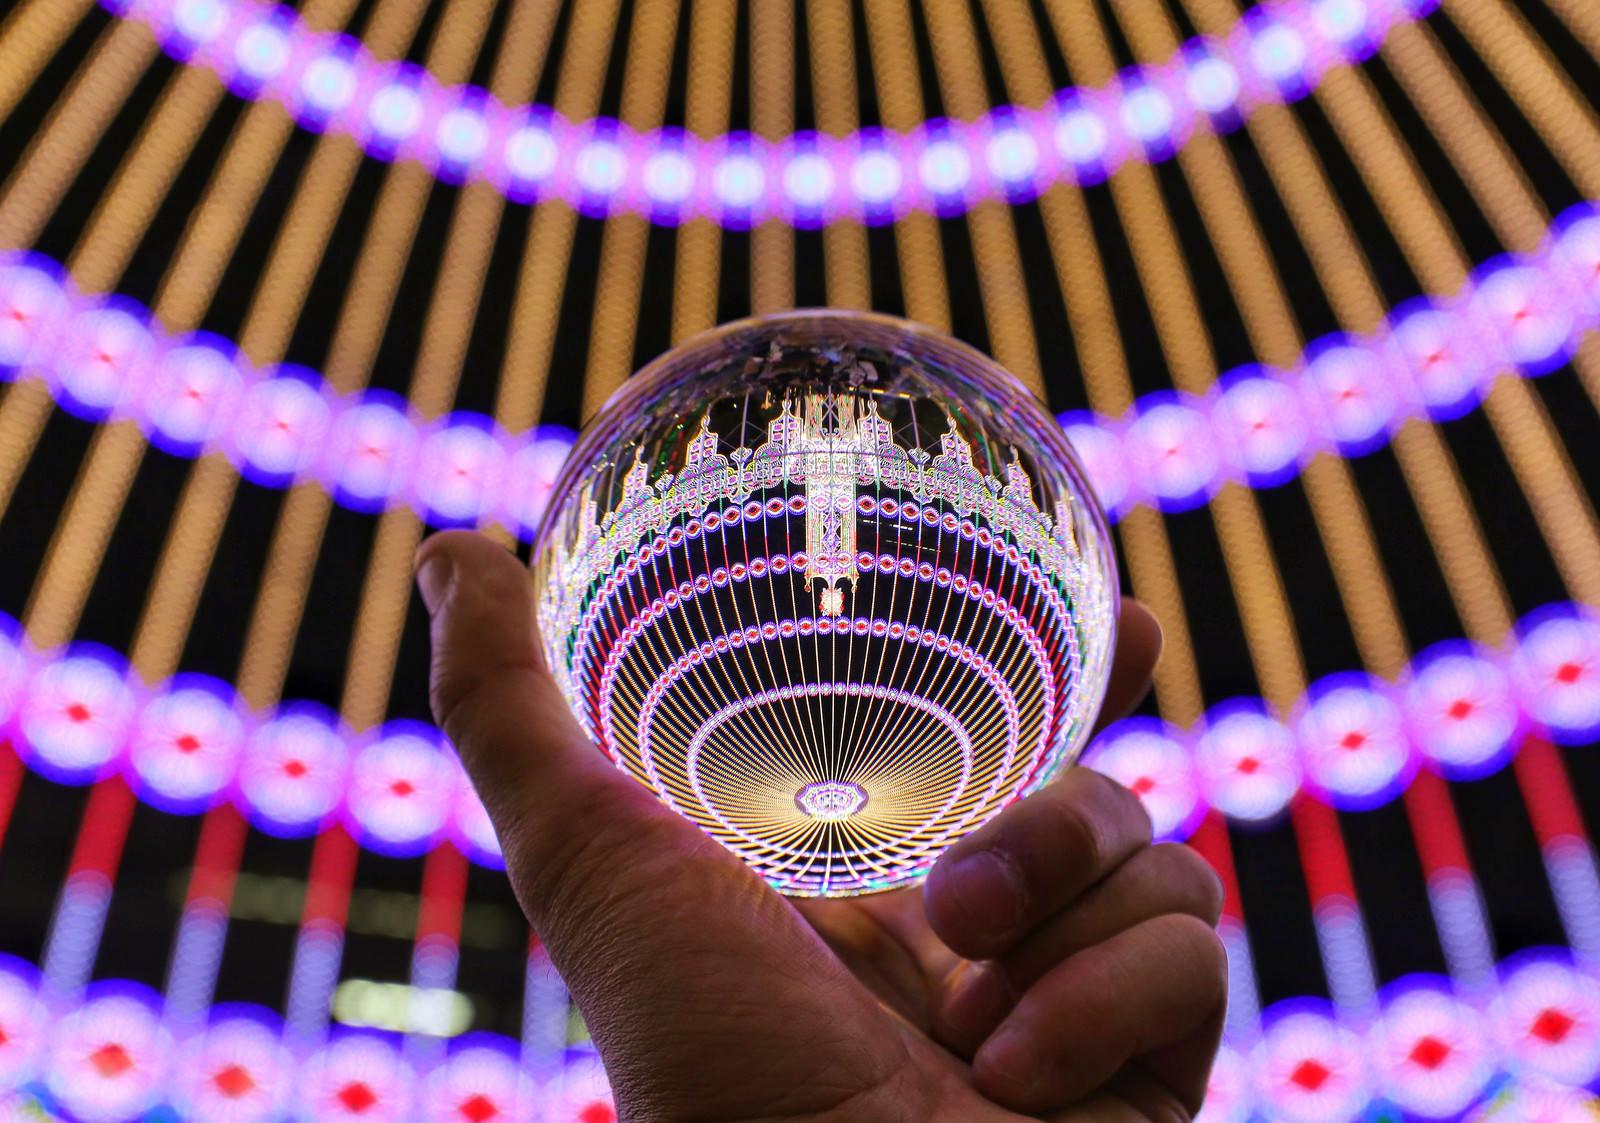 「ガラス玉に映り込むイルミネーションの輪」の写真